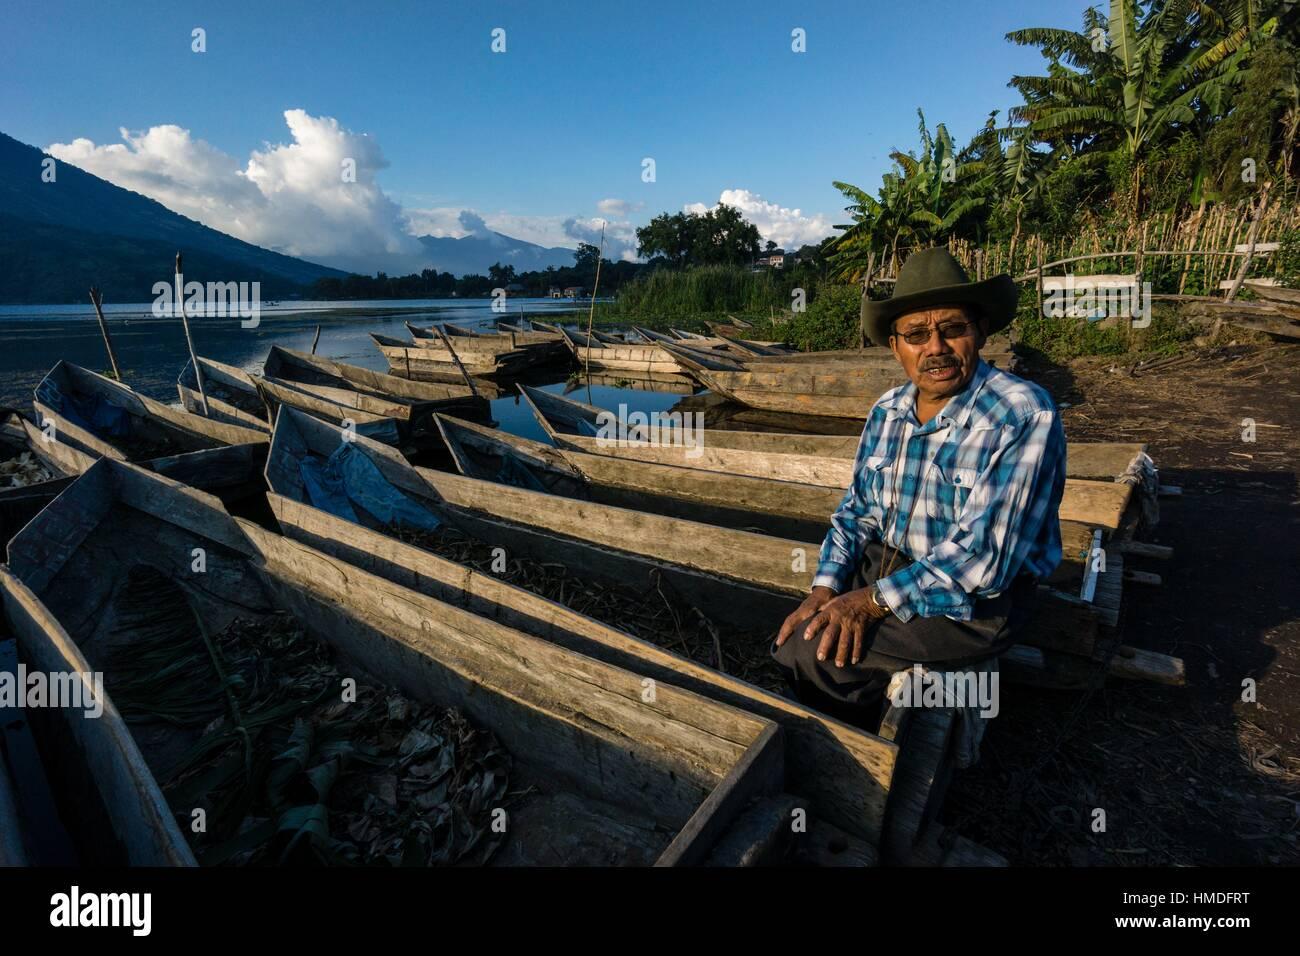 canoas varadas en el lago Atitlán, Santiago Atitlan, departamento de Sololá, Guatemala, Central America. - Stock Image